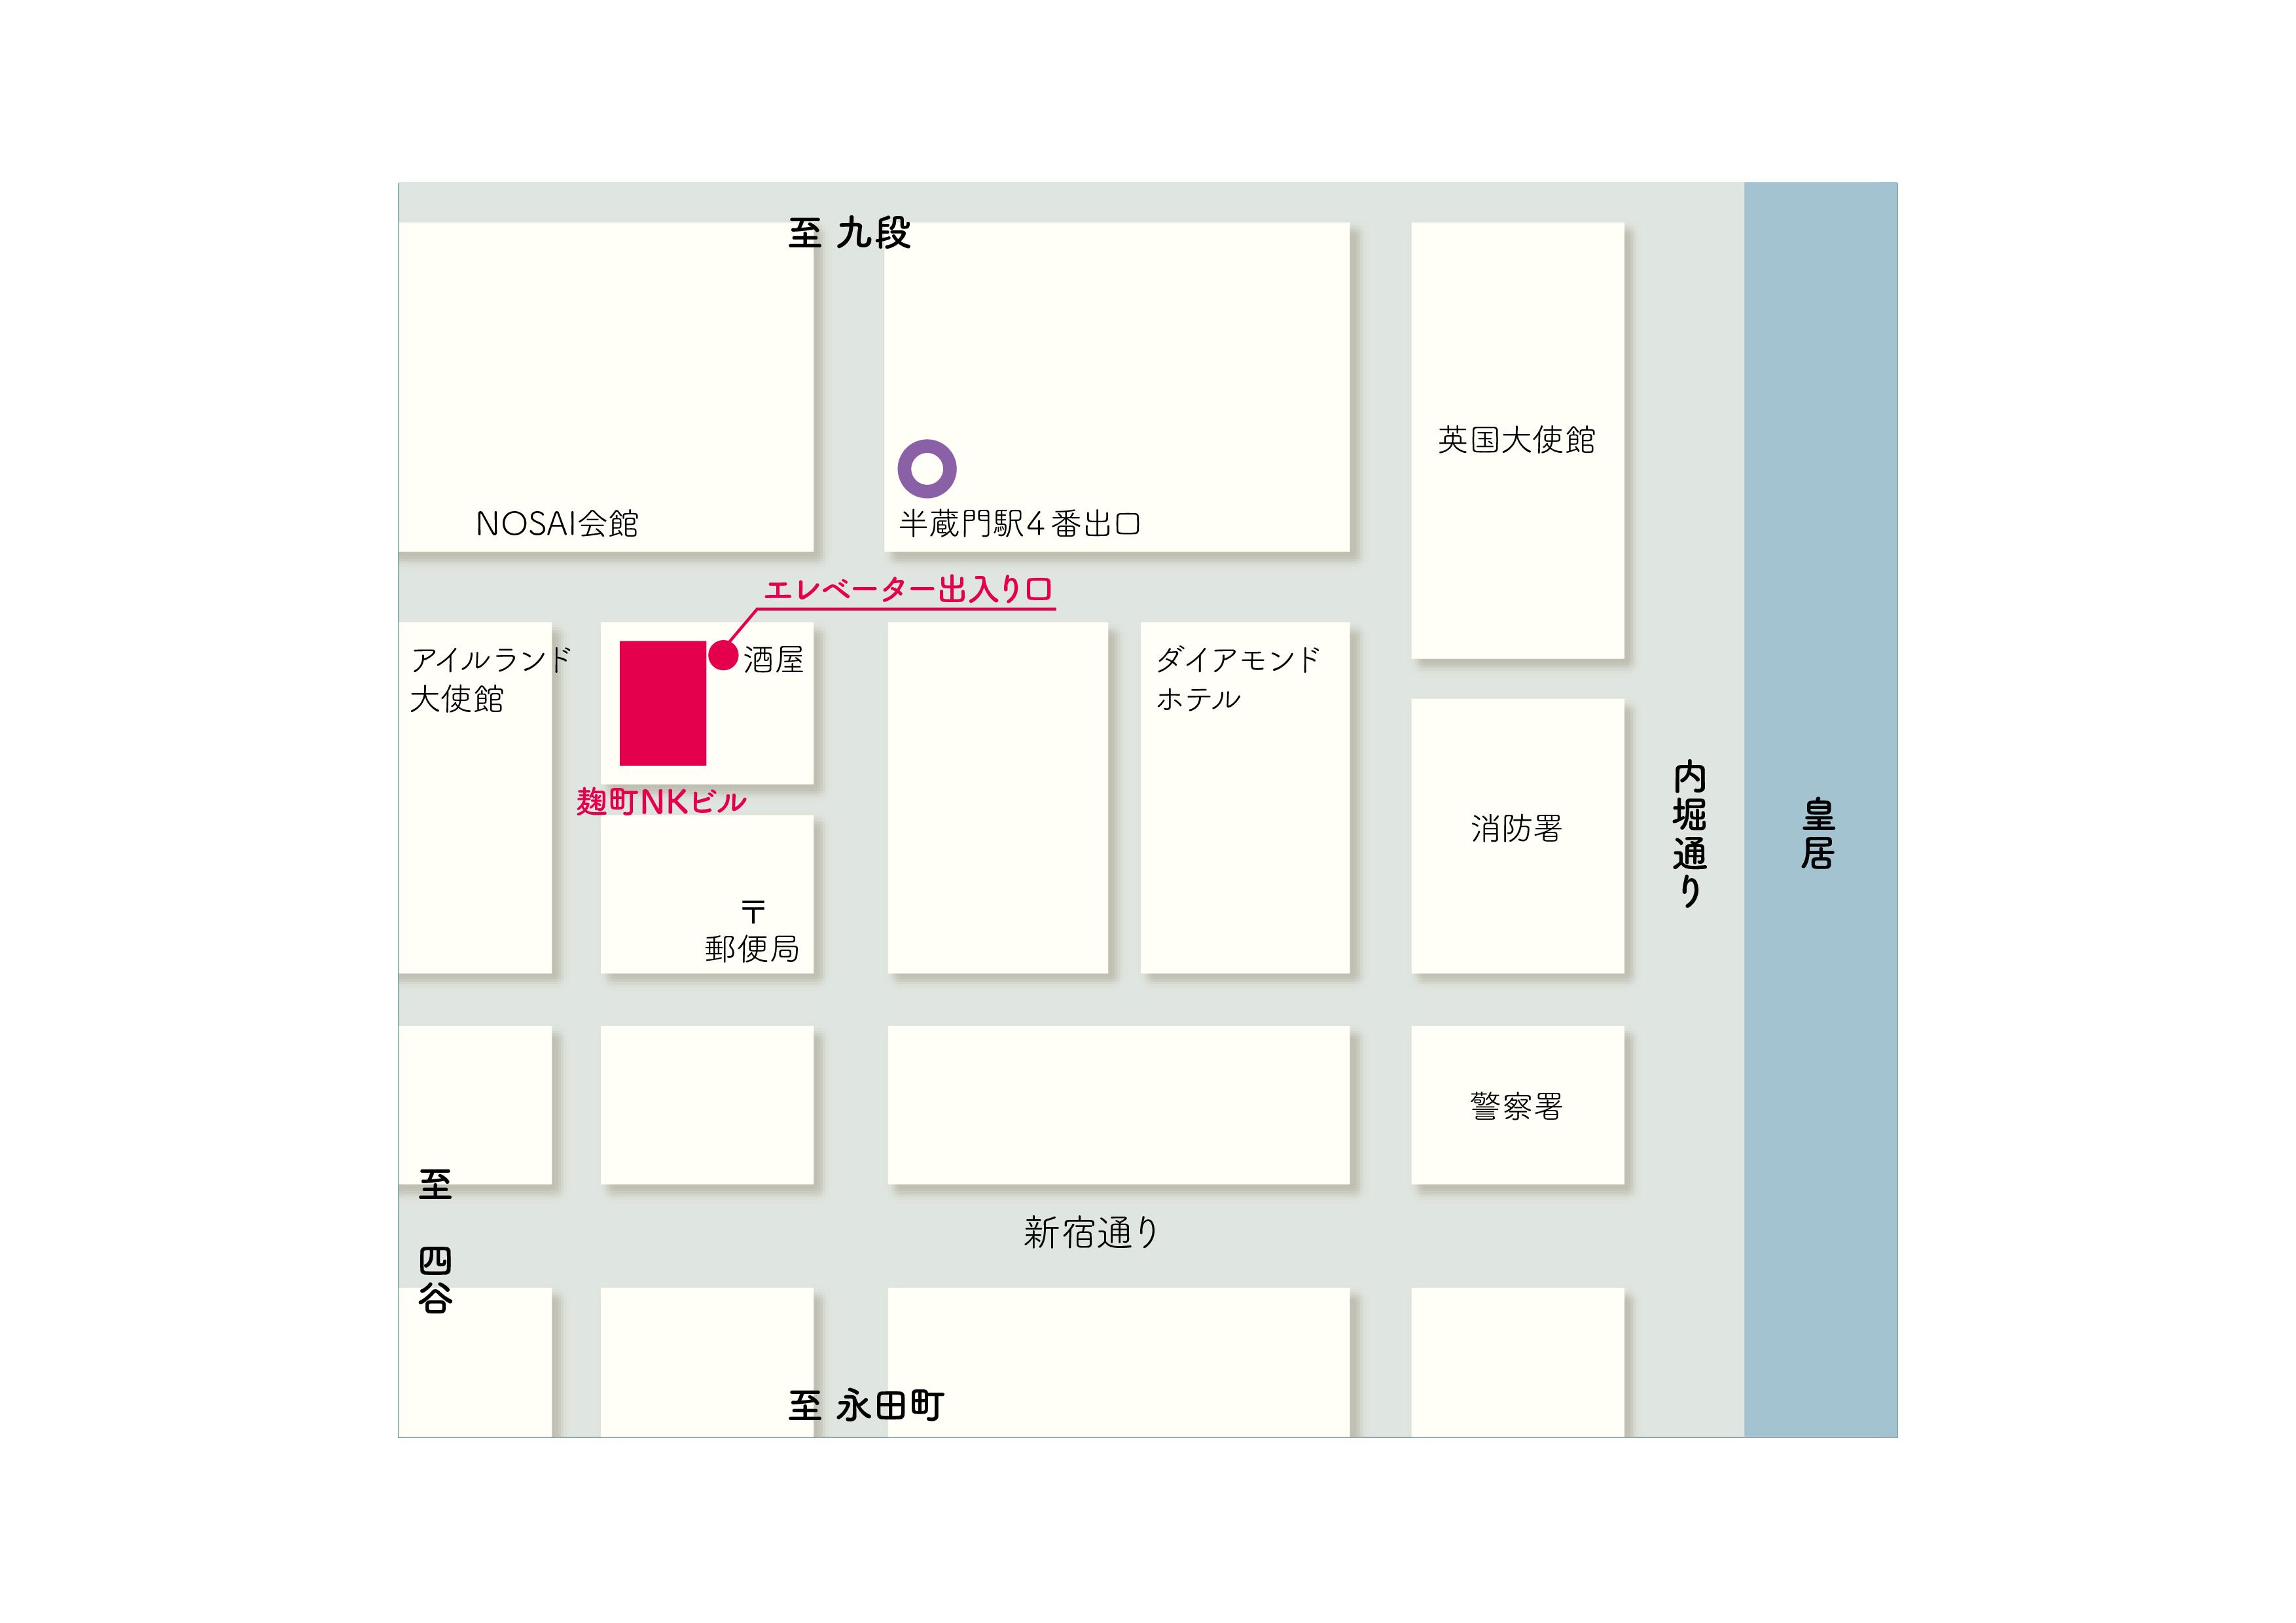 早崎税理士事務所案内地図